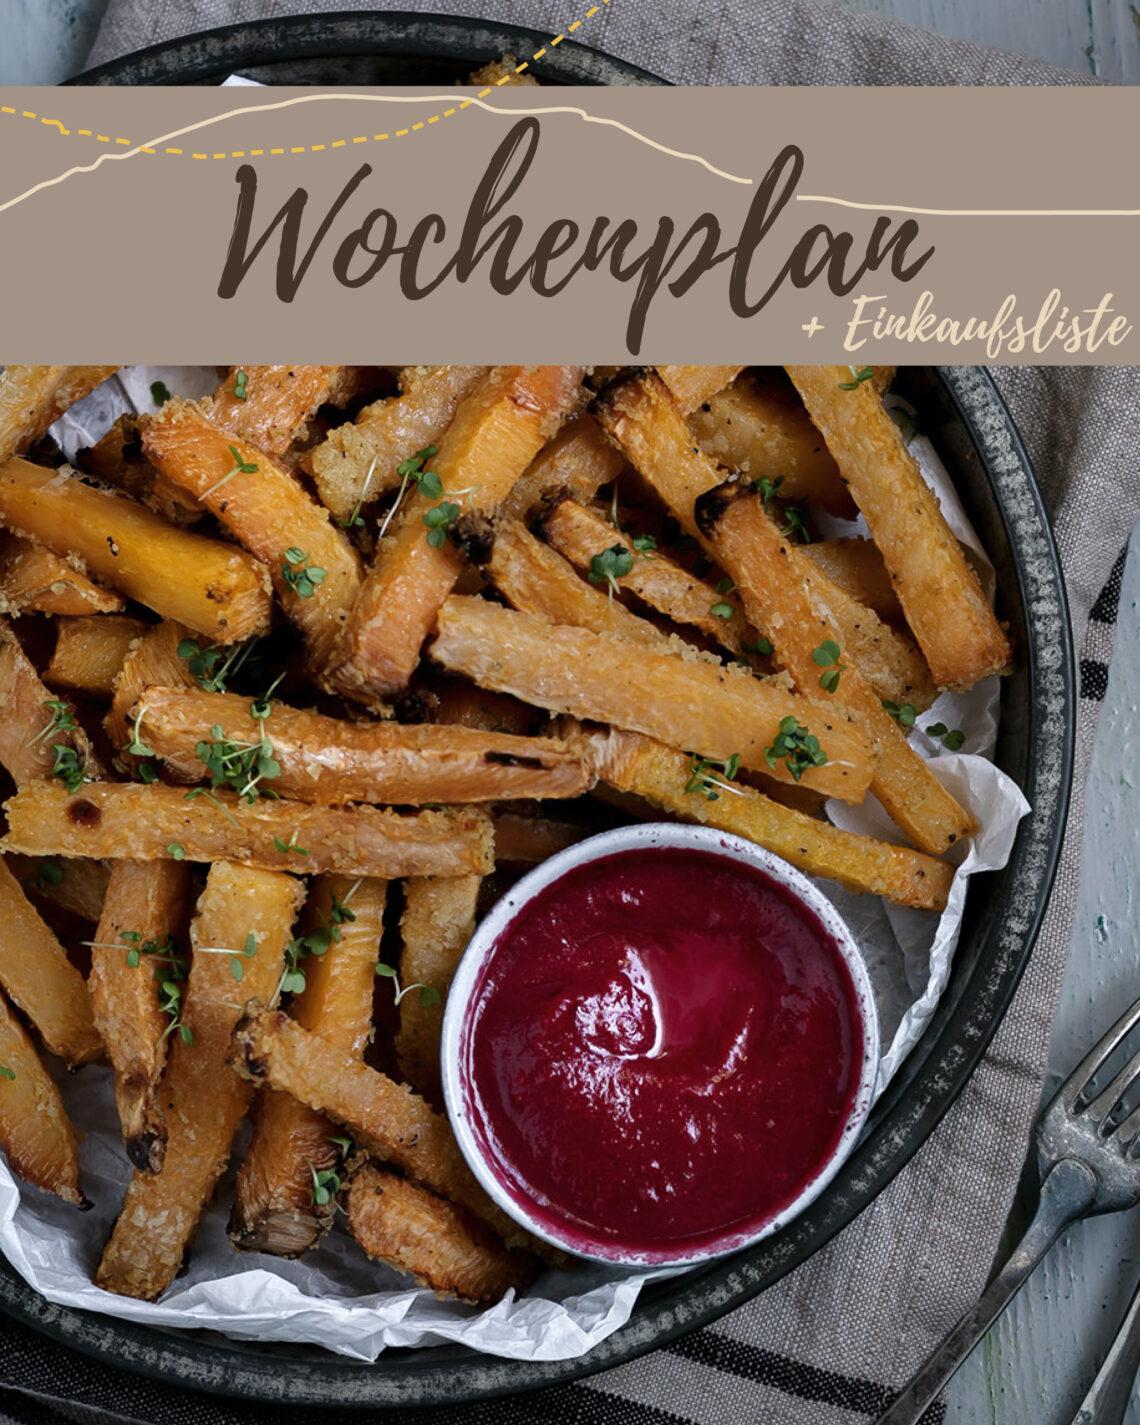 Kostenloser Wochenplan plus Einkaufsliste zum vegetarischen Wochenplan KW 5